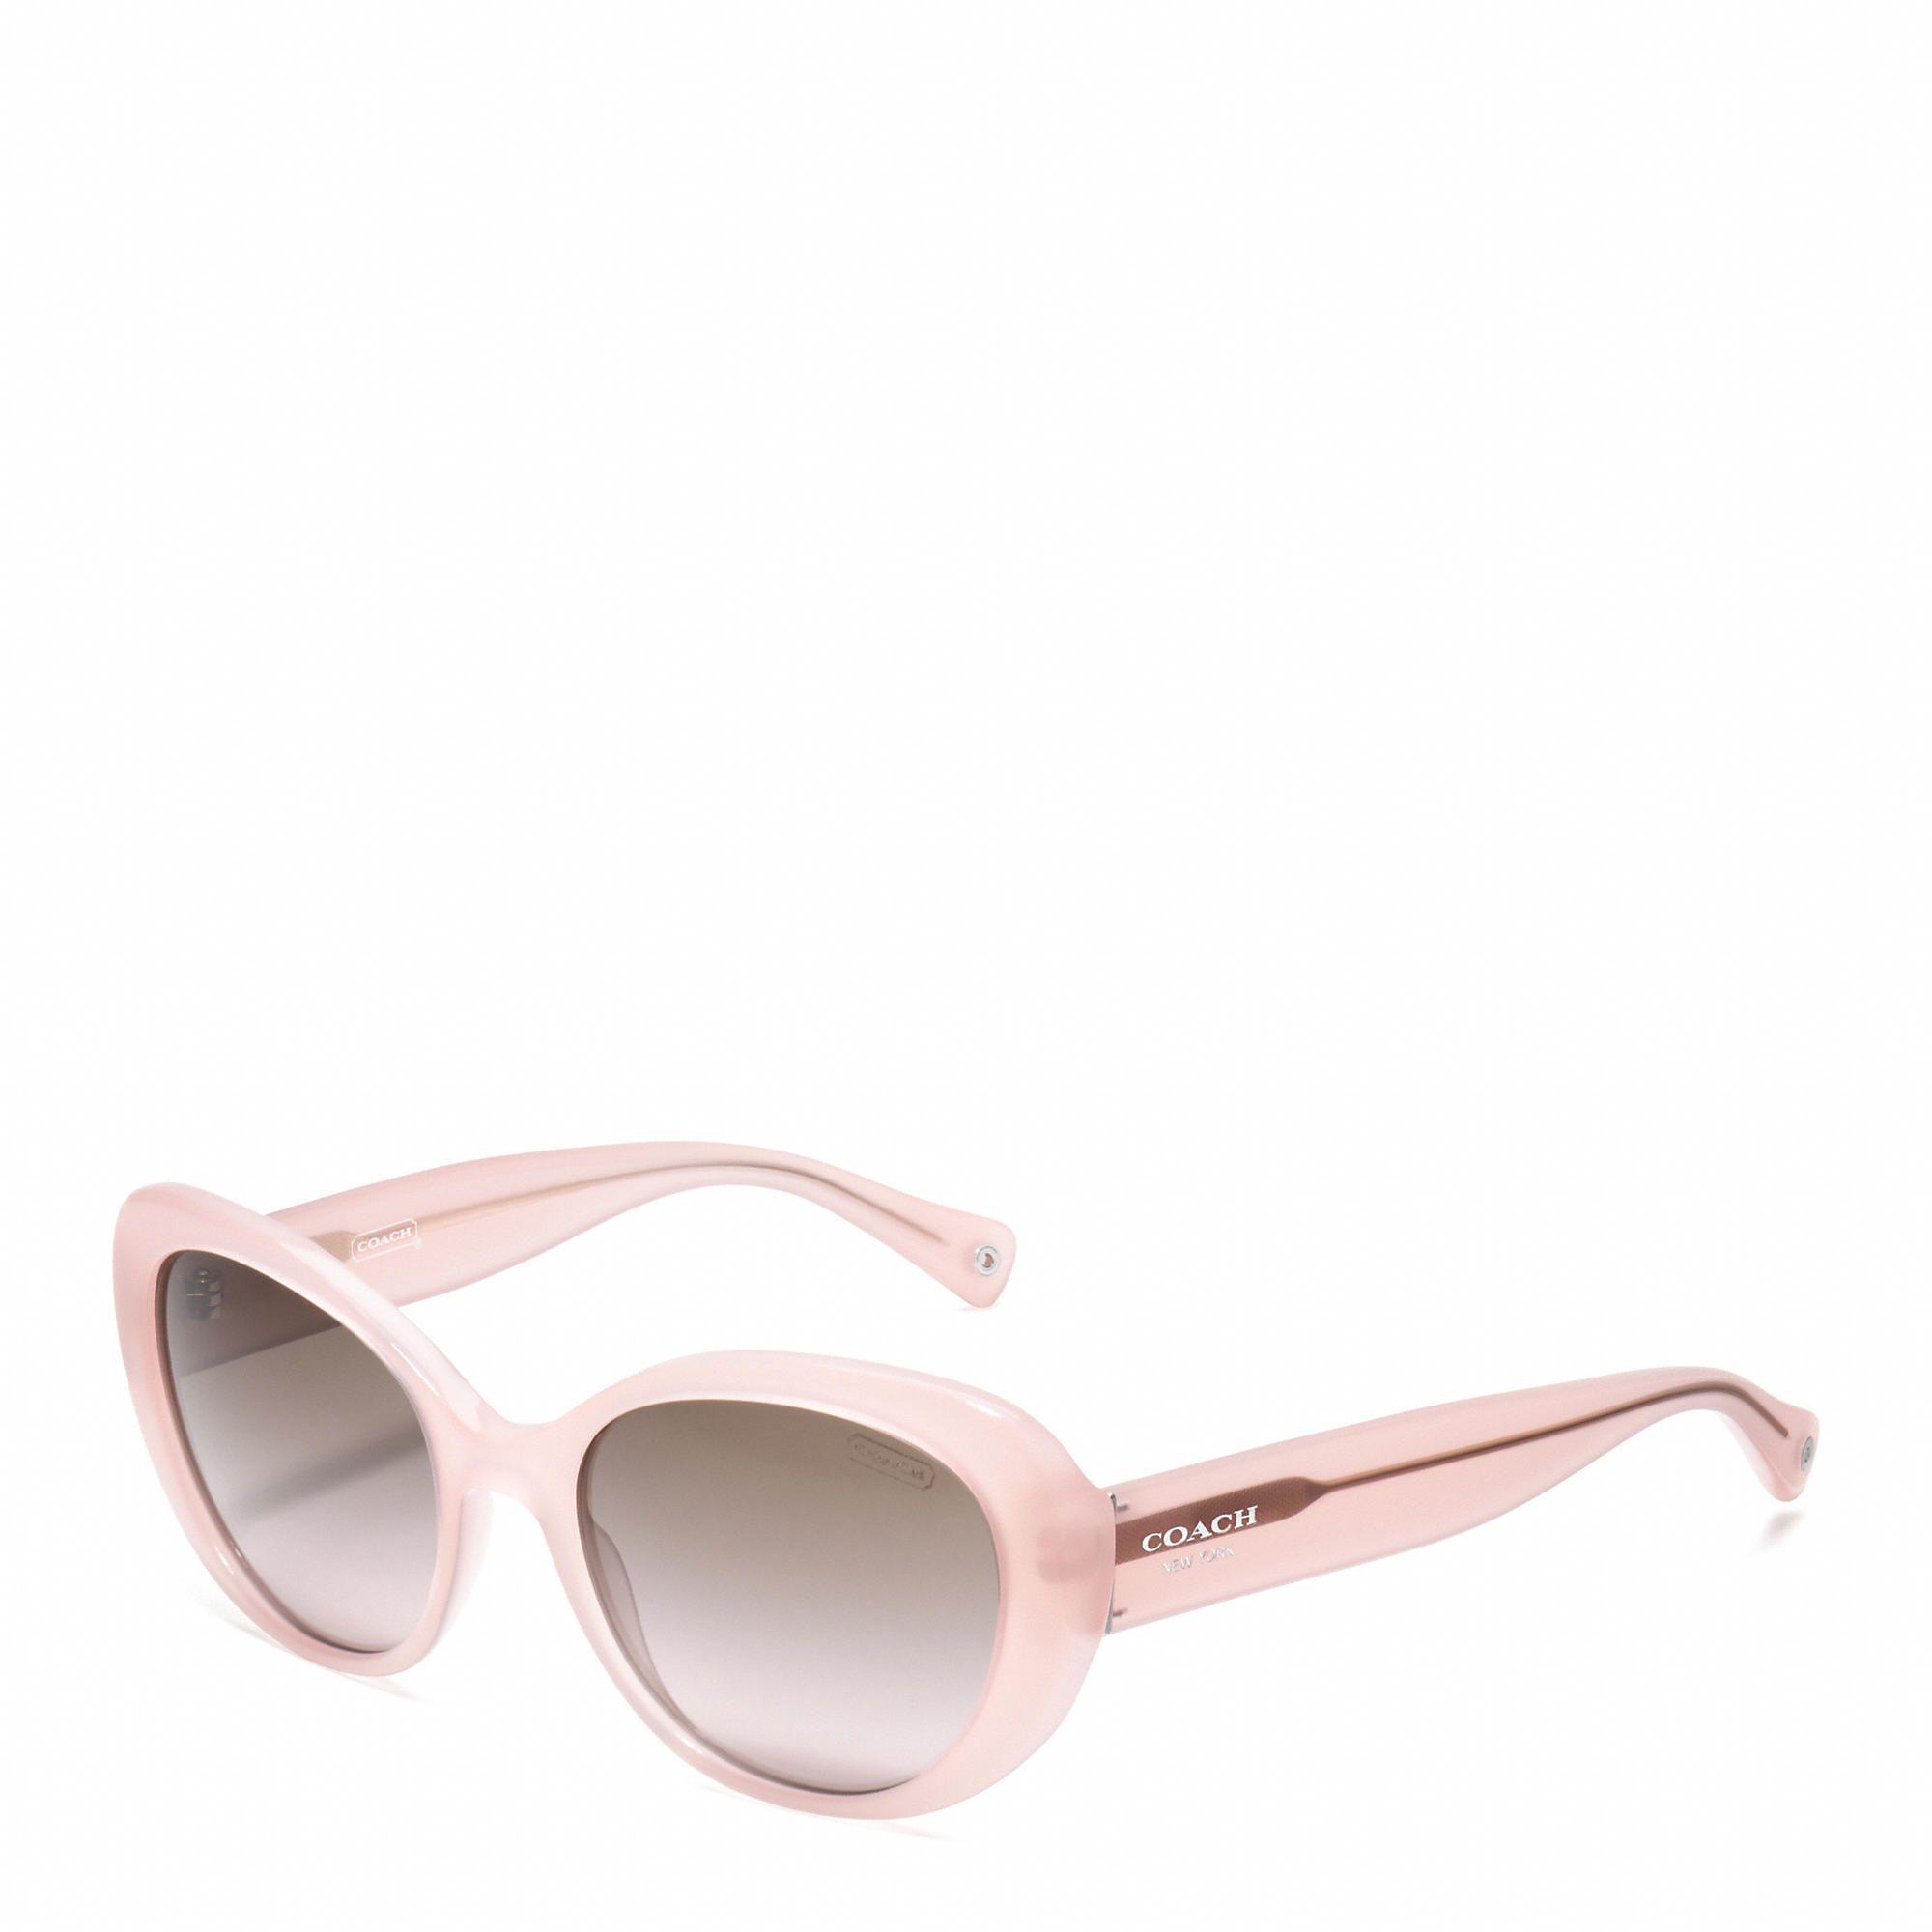 39d5d19f34f77 ... discount code for coach alexa sunglasses 6efaf 6d1c6